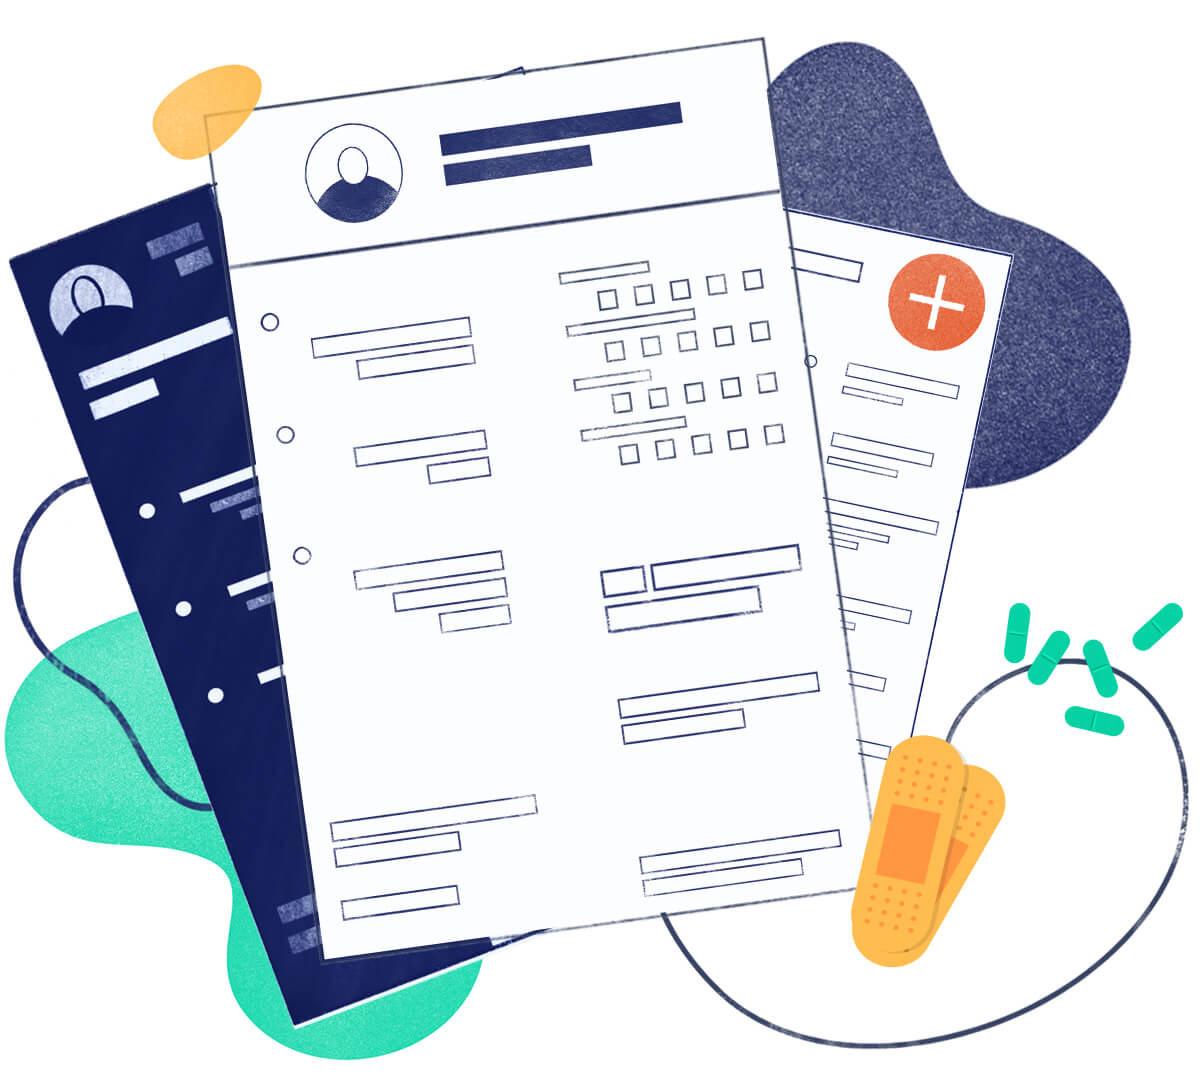 Nursing Resume—Nurse Resume Examples and 25+ Writing Tips